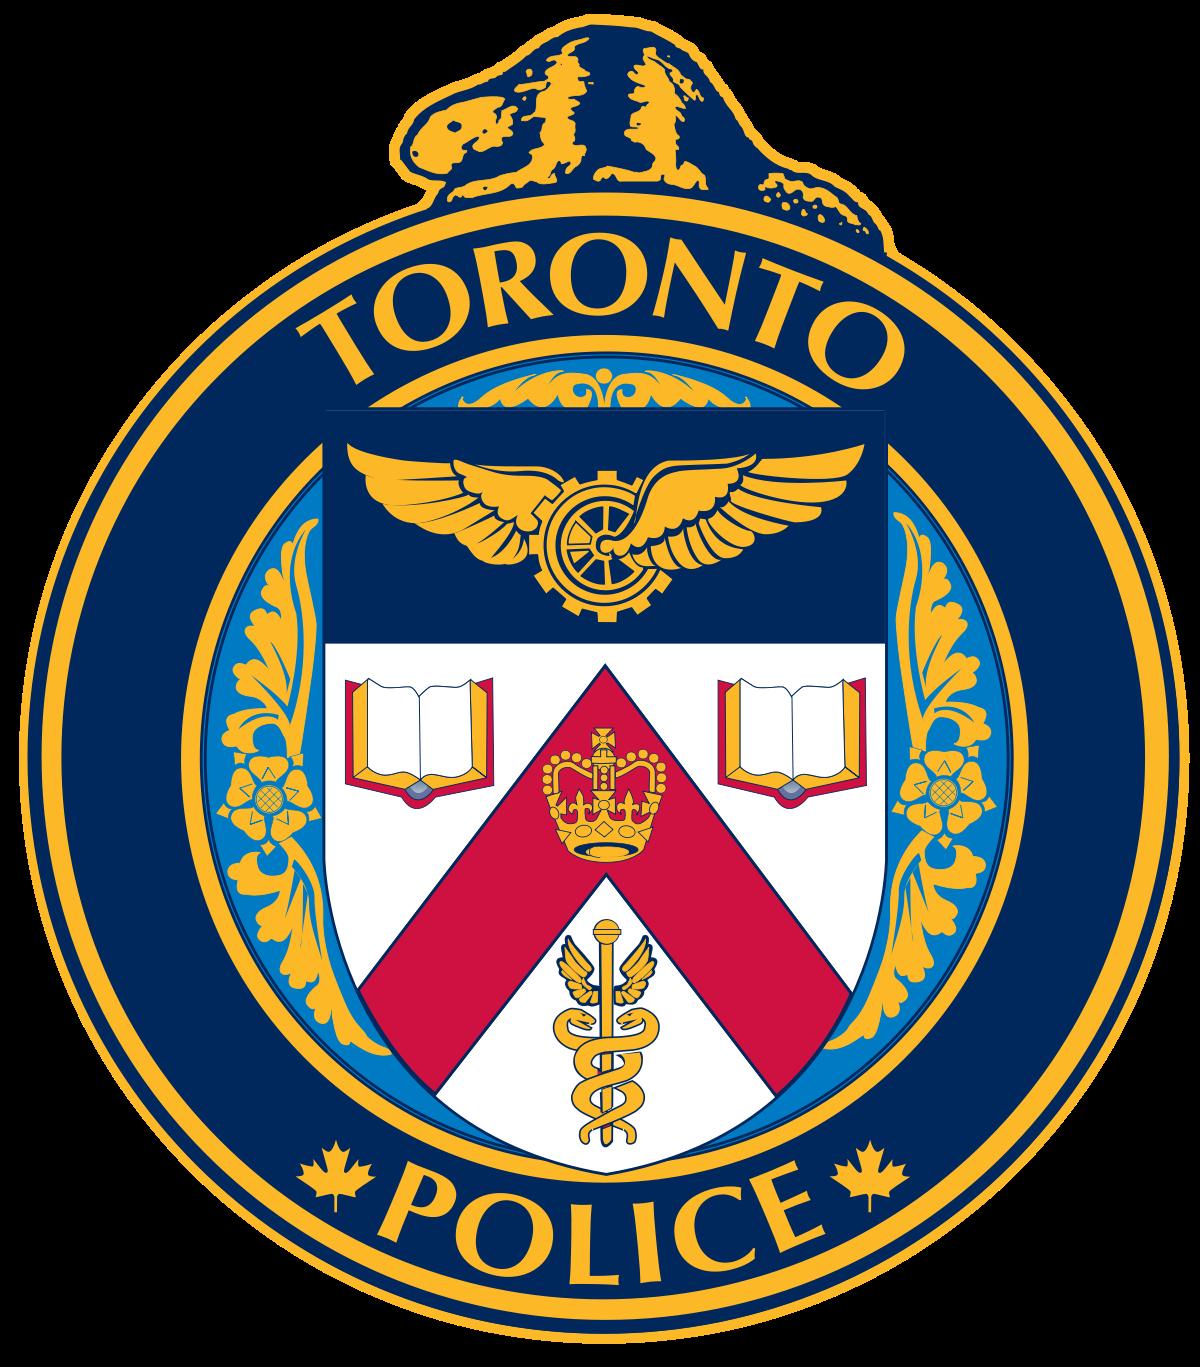 Toronto_Police.png